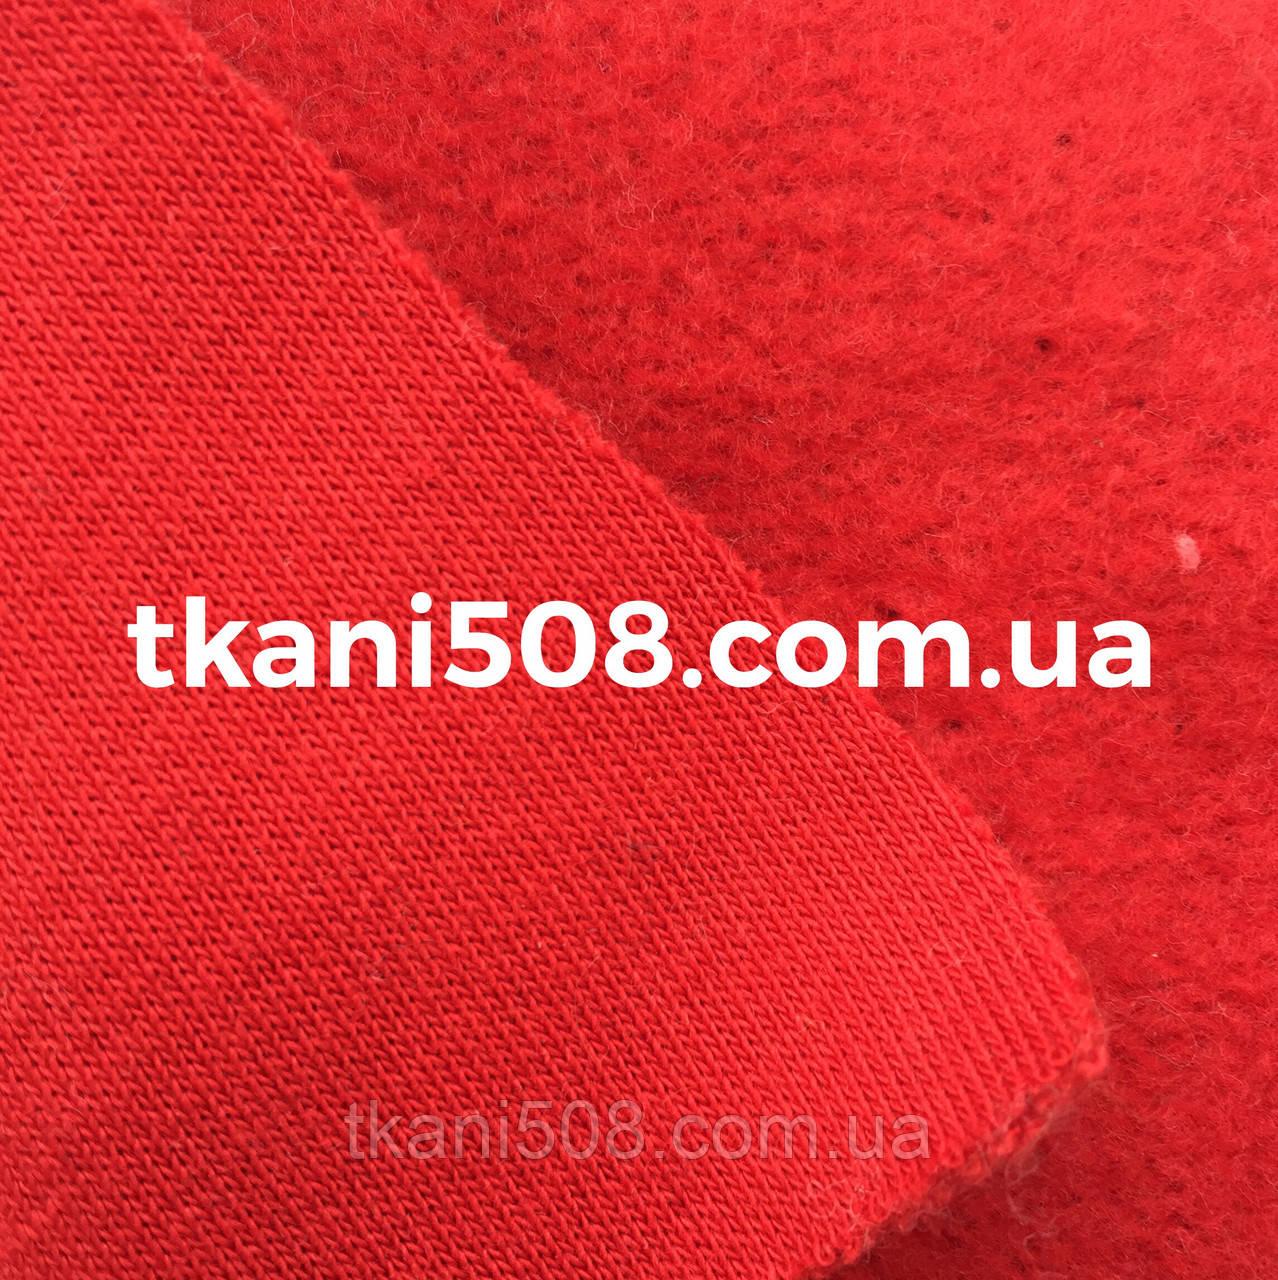 Ткань 3-х нитка футер Турция) Красный